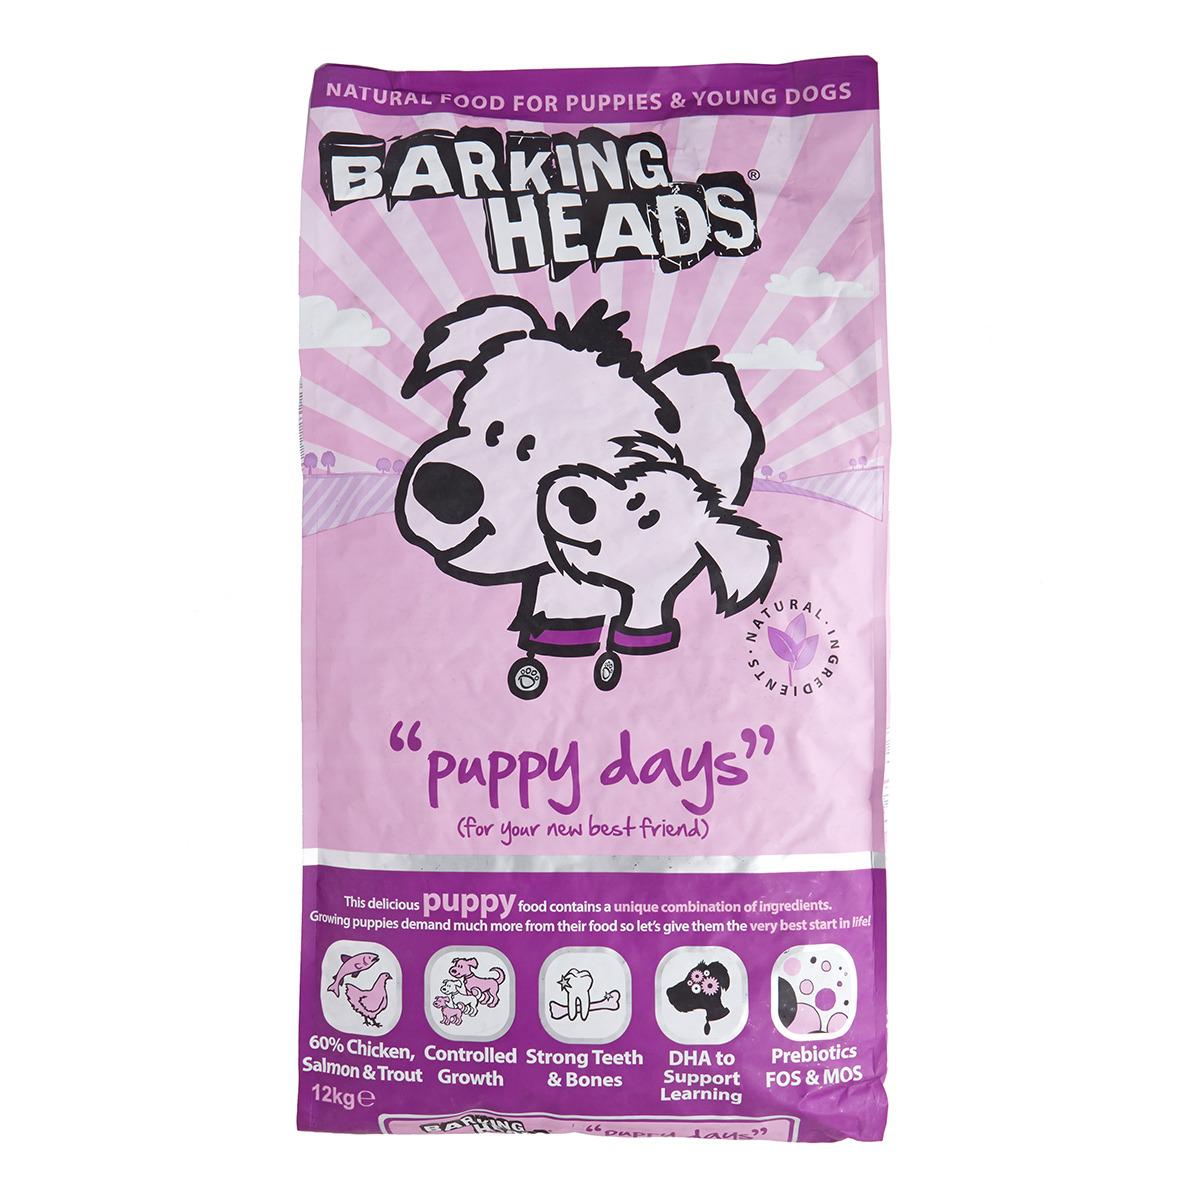 Barking Heads Puppy Days 2kg.